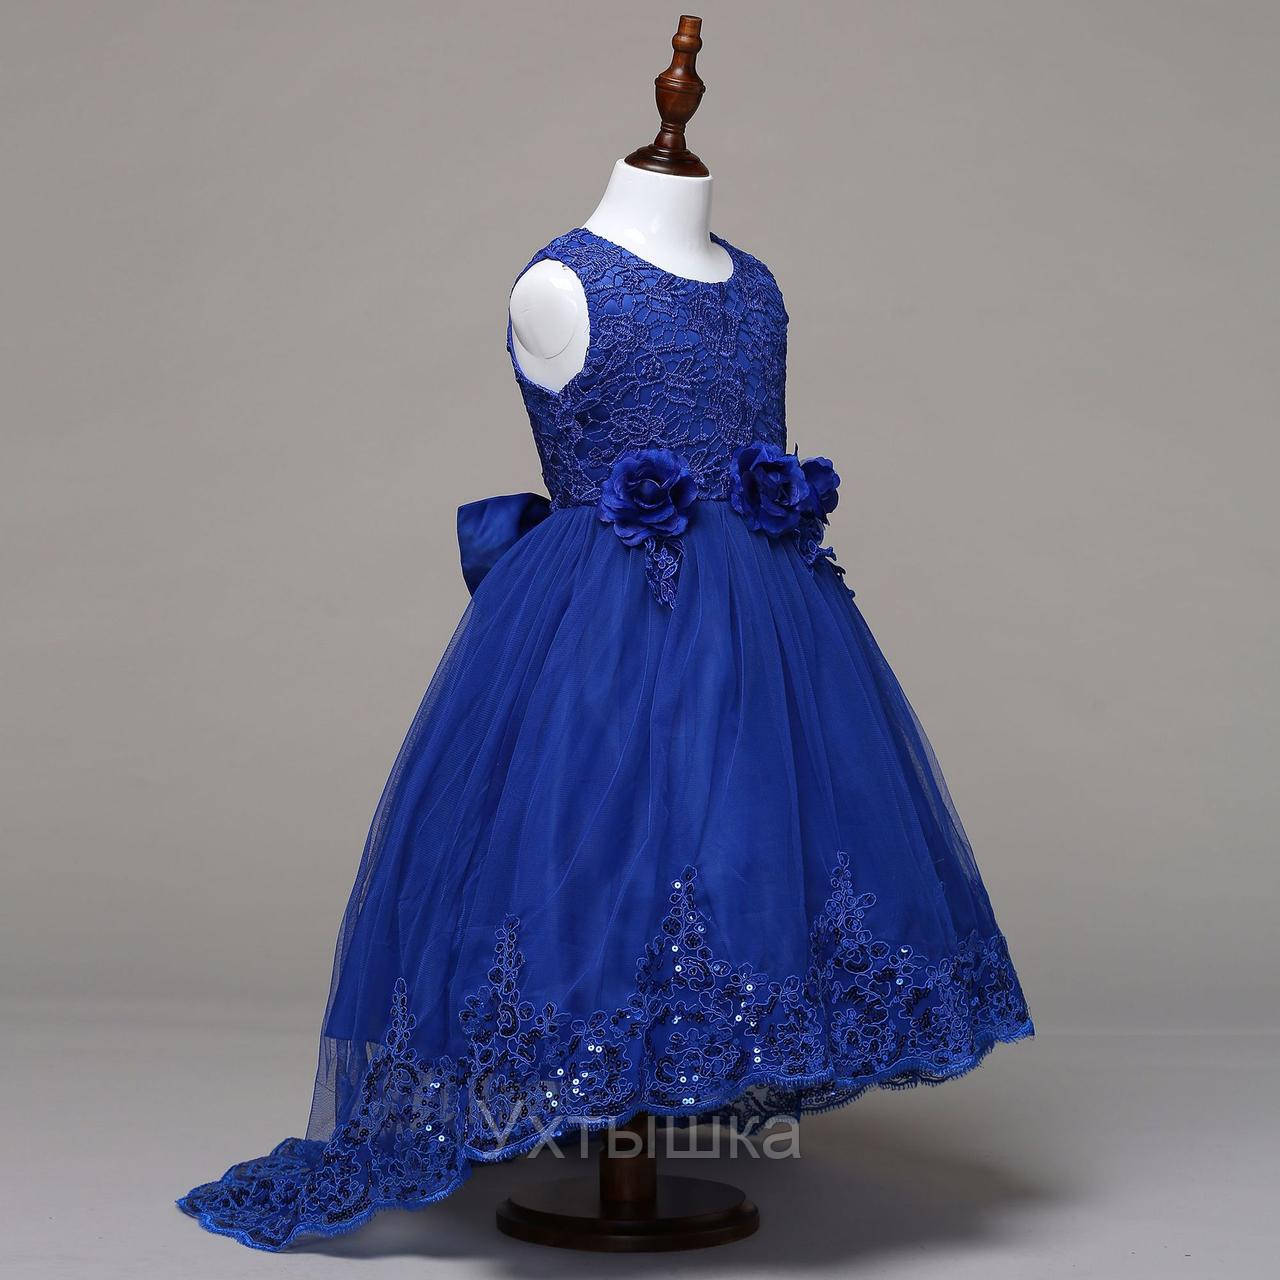 4c37433abe0 Нарядное платье для девочки 4-12 лет